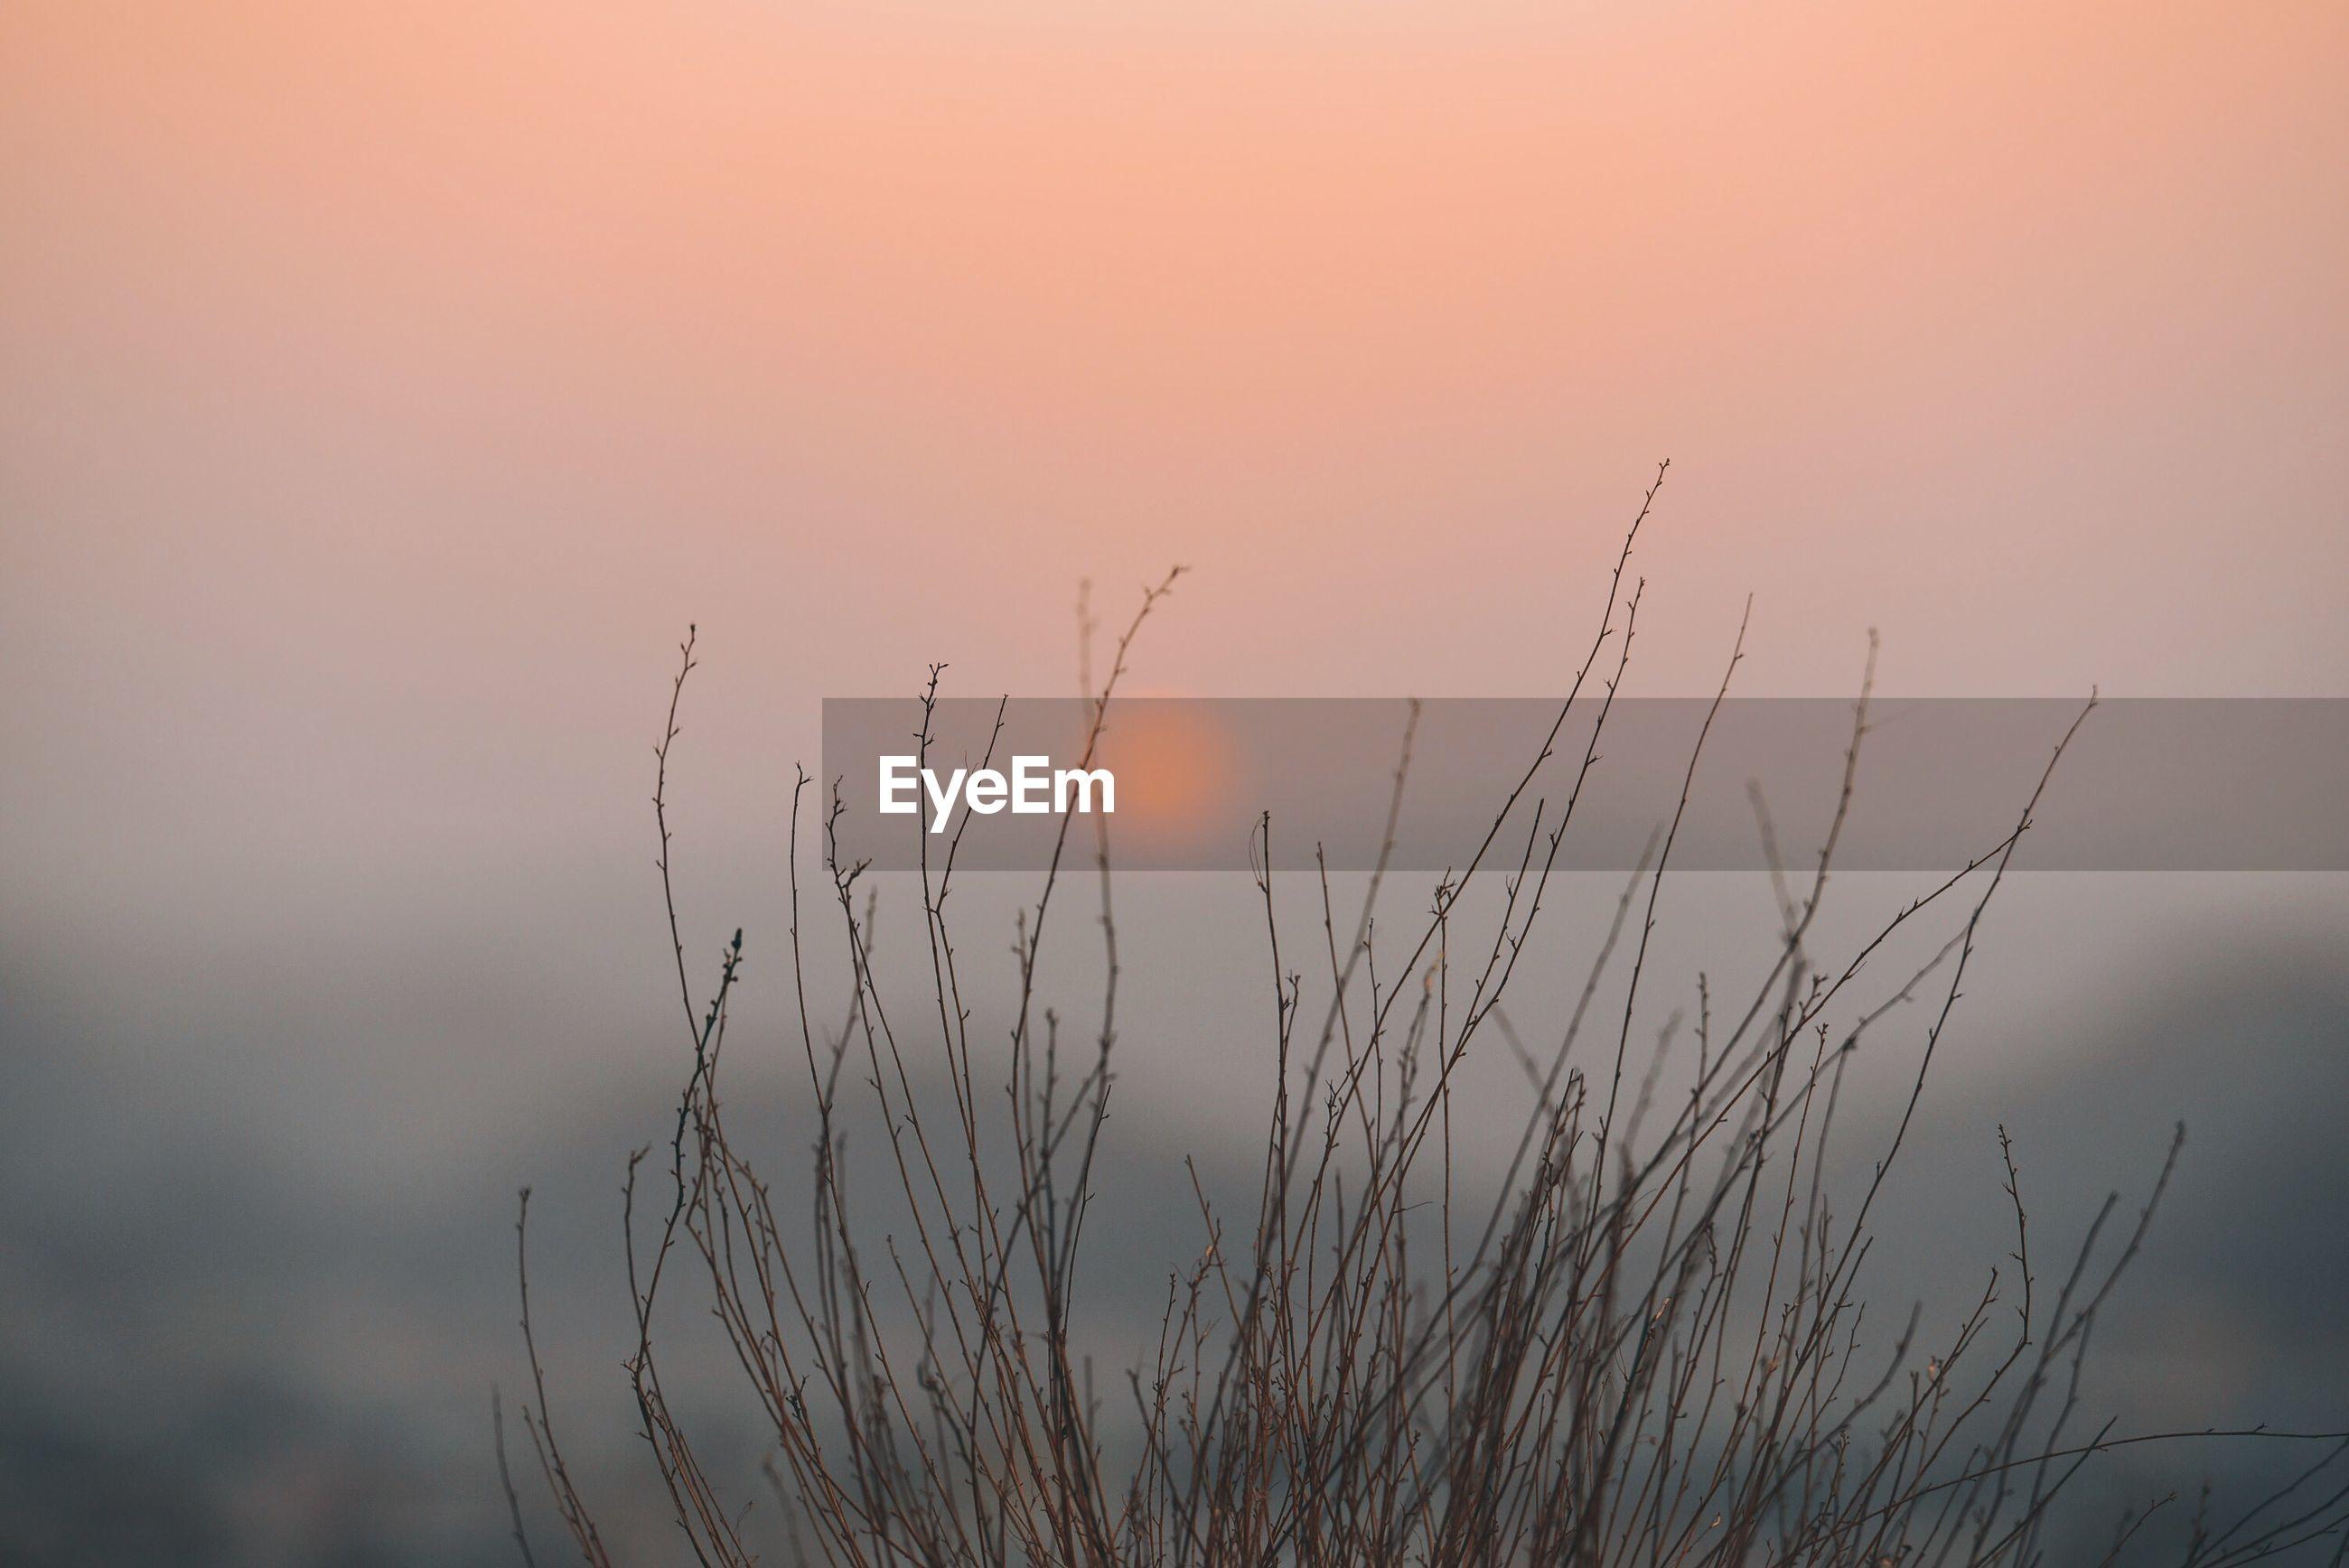 Plant against orange sky